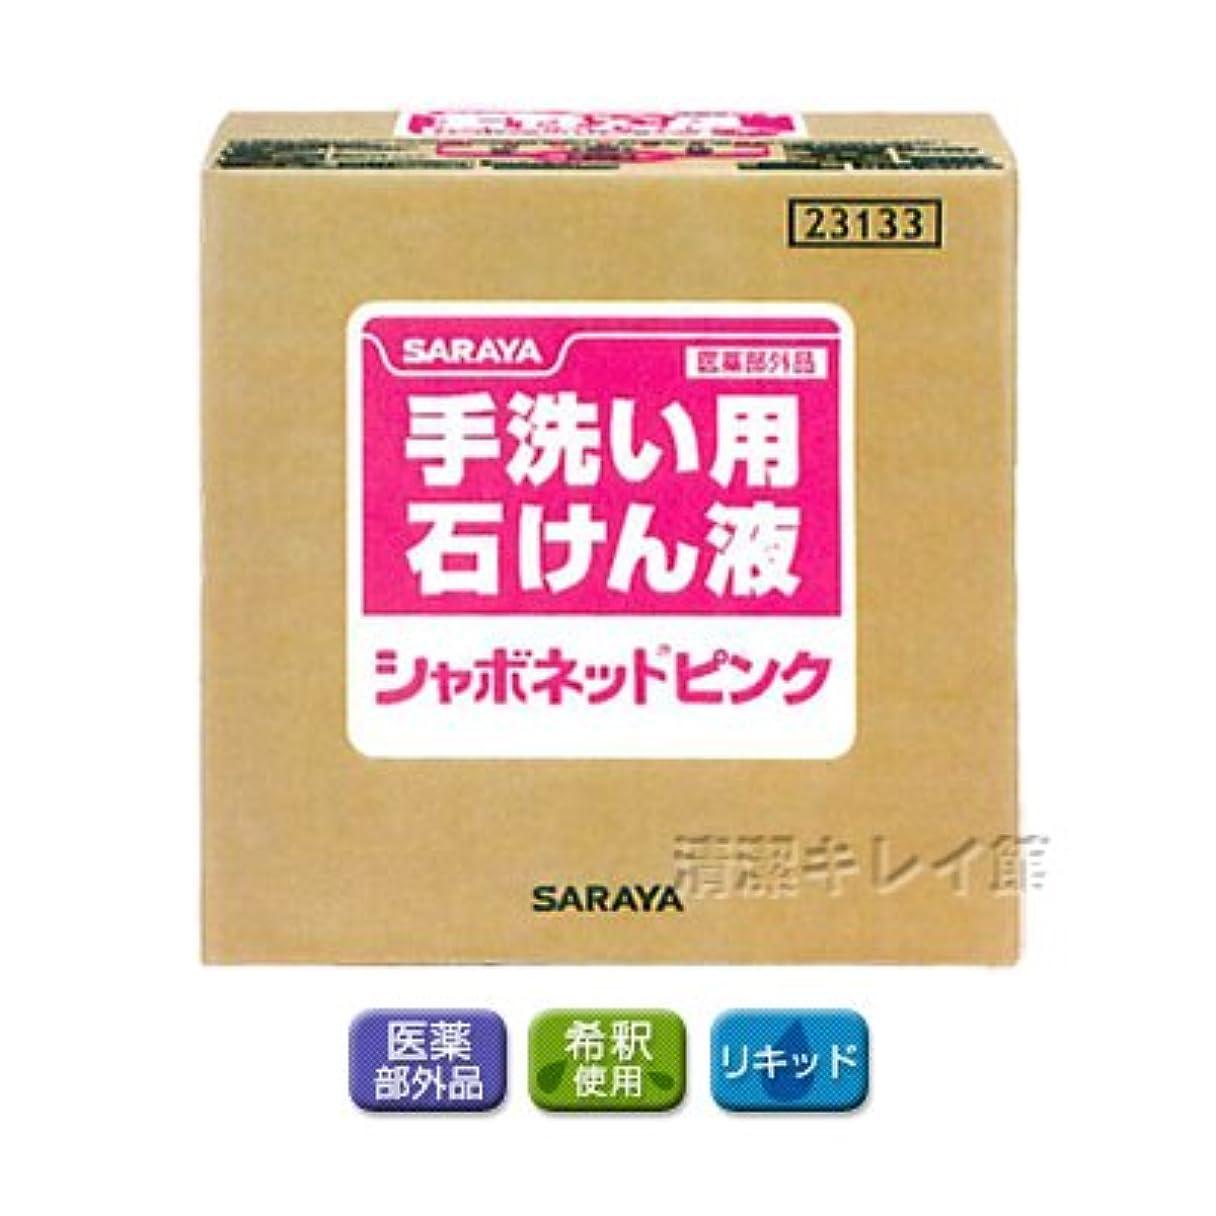 ラグ書き出す義務的【清潔キレイ館】サラヤ シャボネットピンク(20kg)